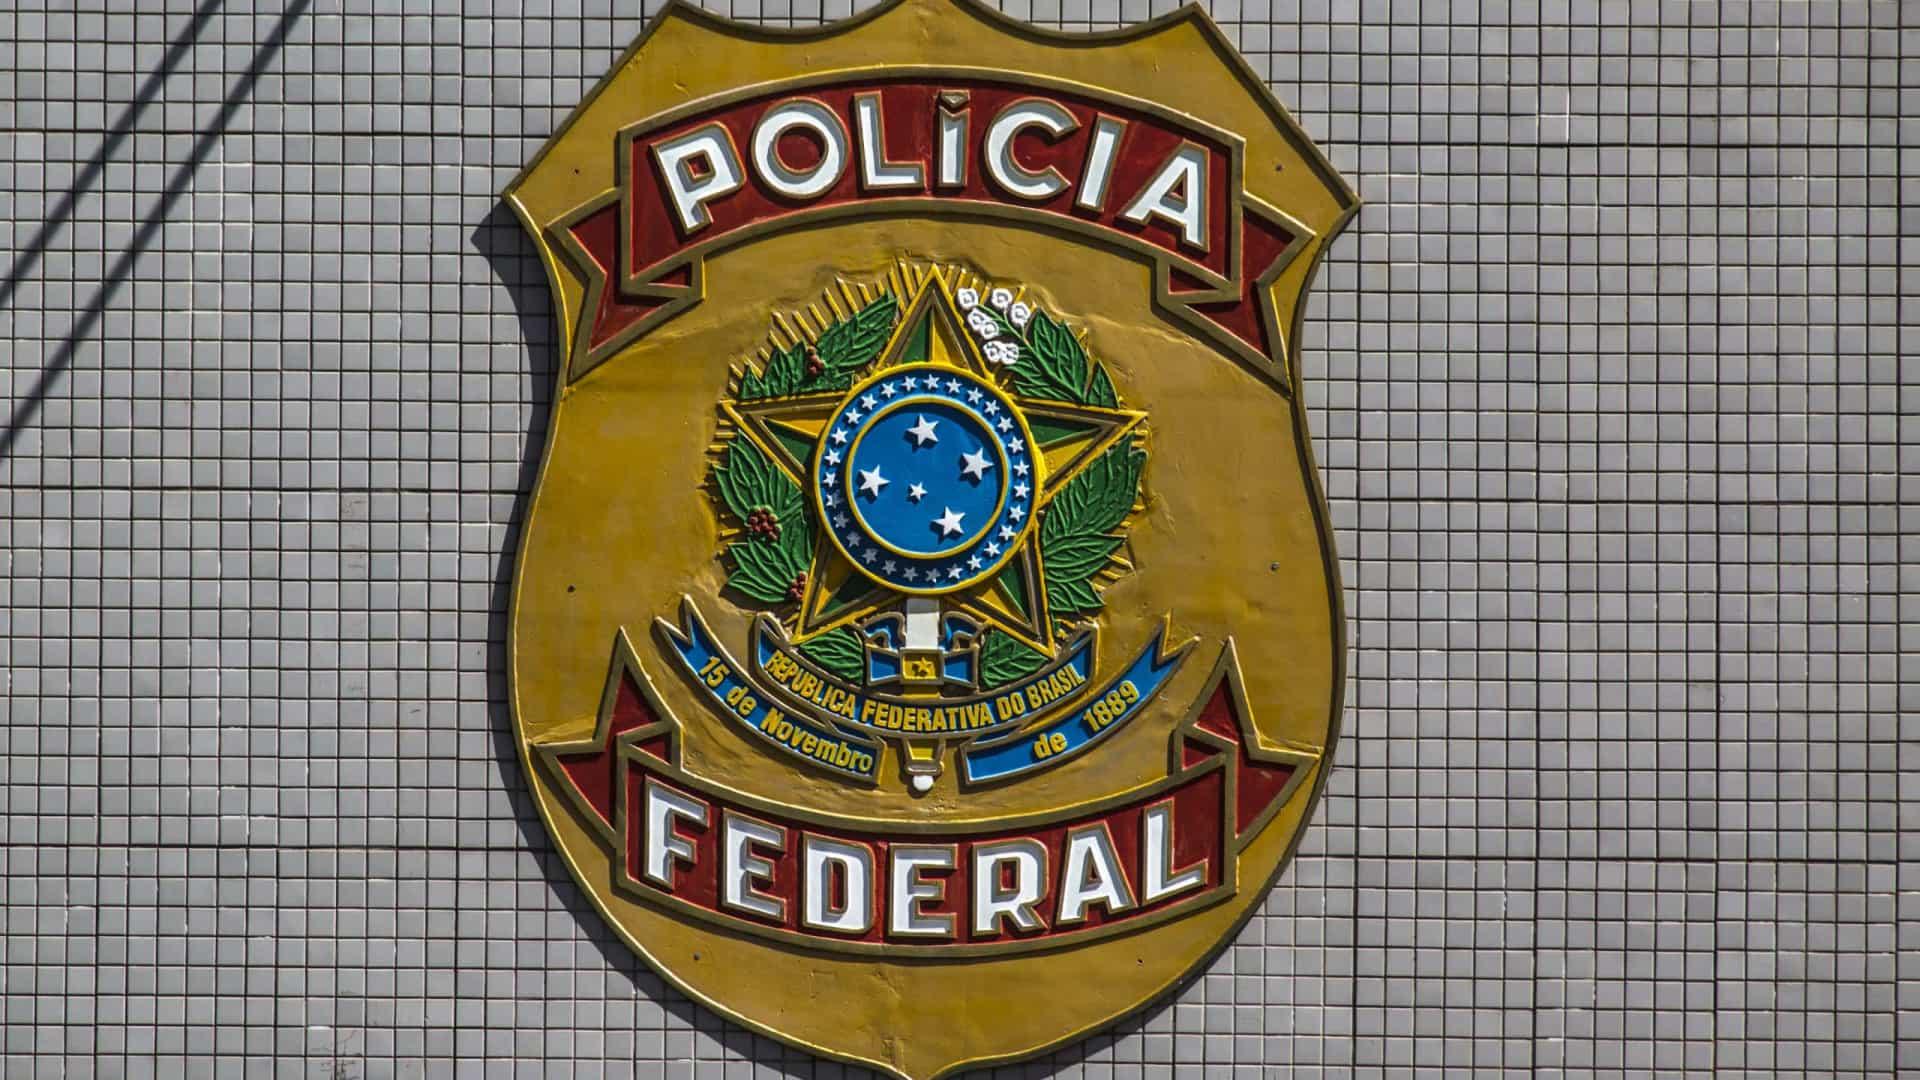 naom 606ef722d7844 - PF compra sistema que cruzará dados biométricos de 50 milhões de brasileiros